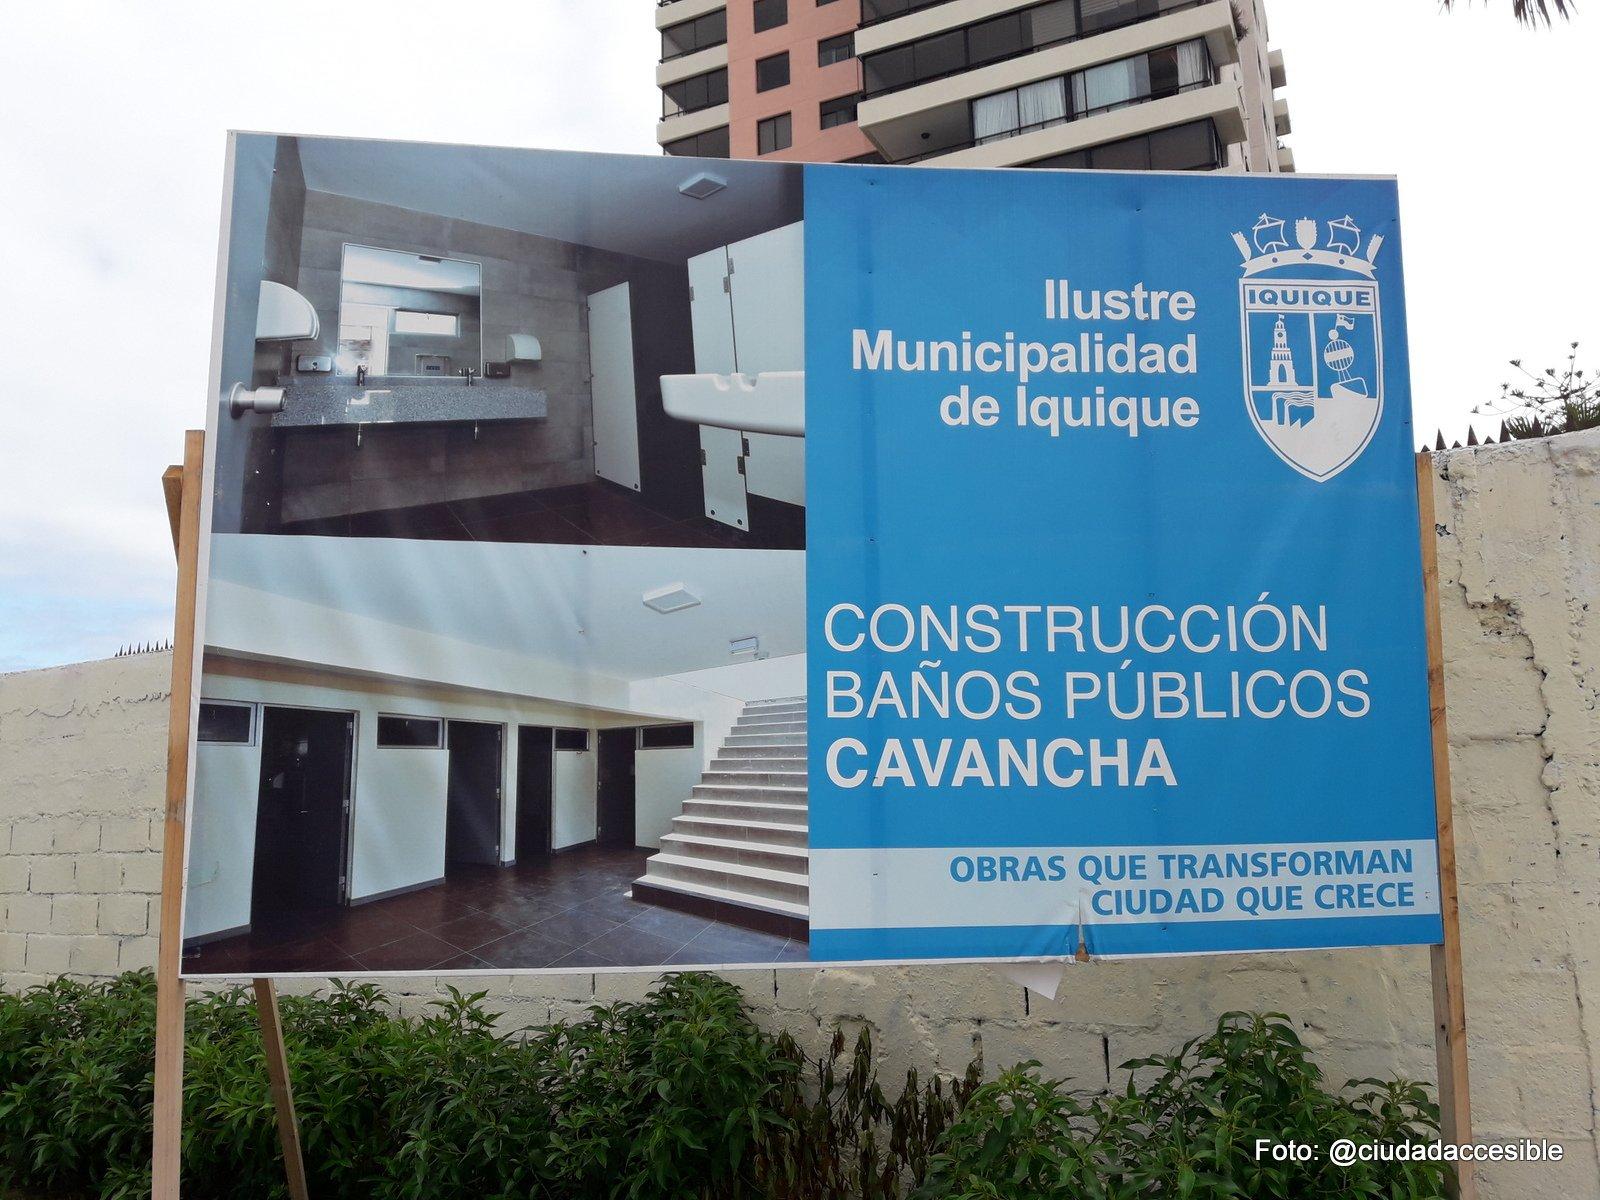 letrero que informa construcción de baños públicos en cavancha